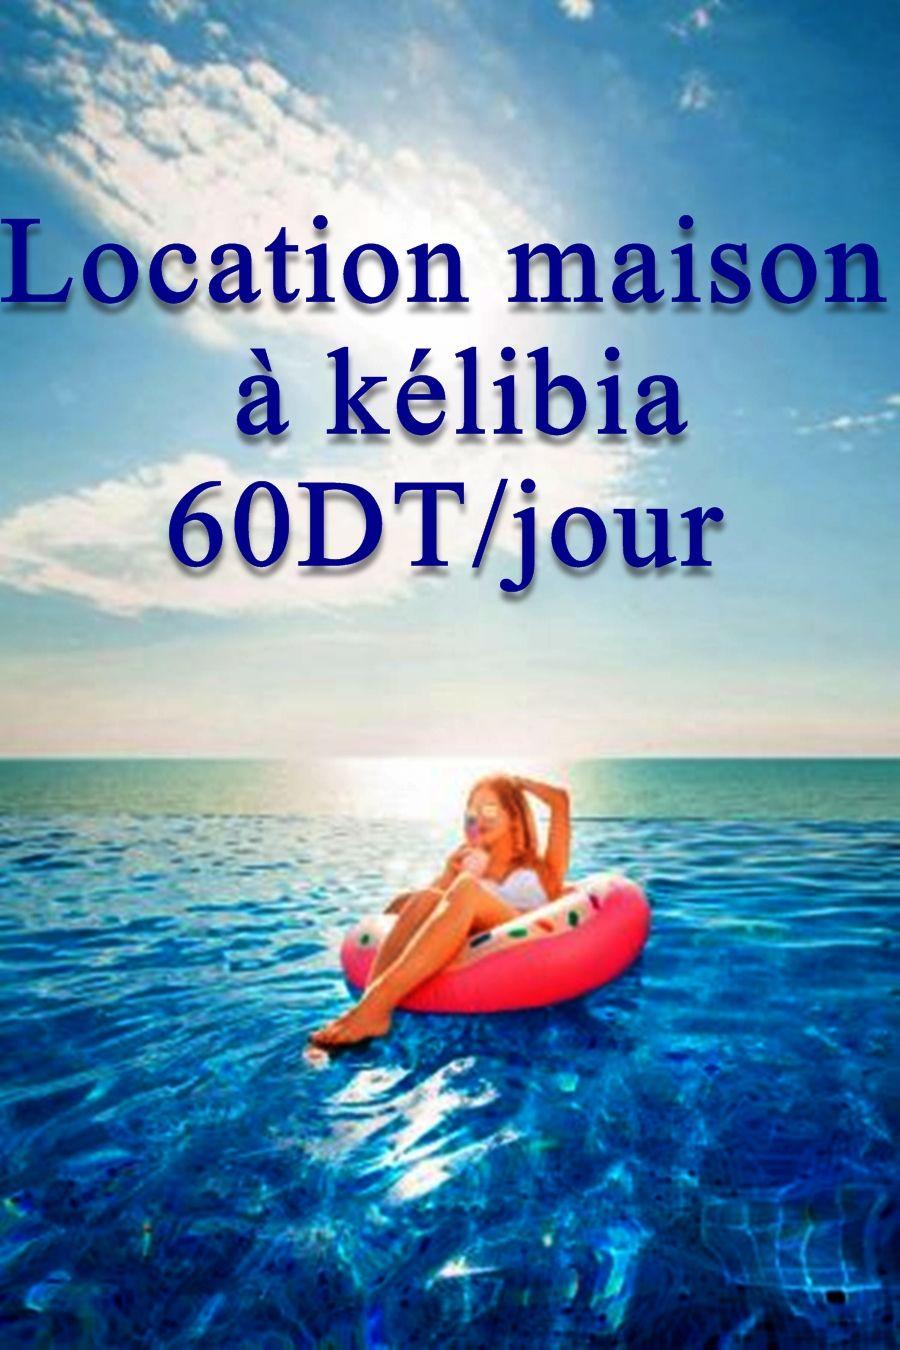 Location maison 60 dt ne ratez